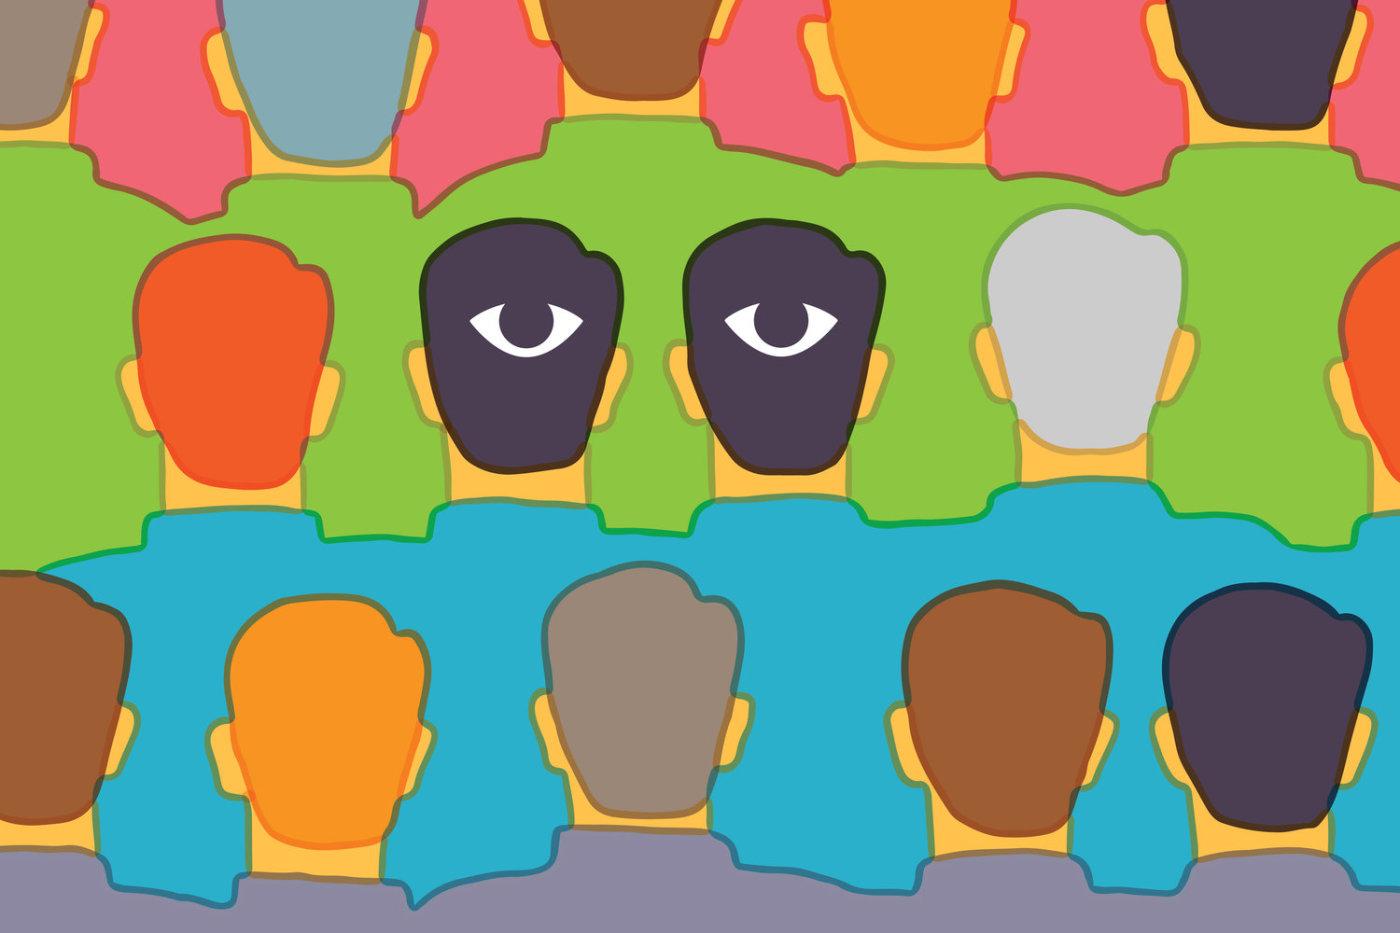 Le illustrazioni psichedeliche e spensierate di Tim Lahan   Collater.al 1